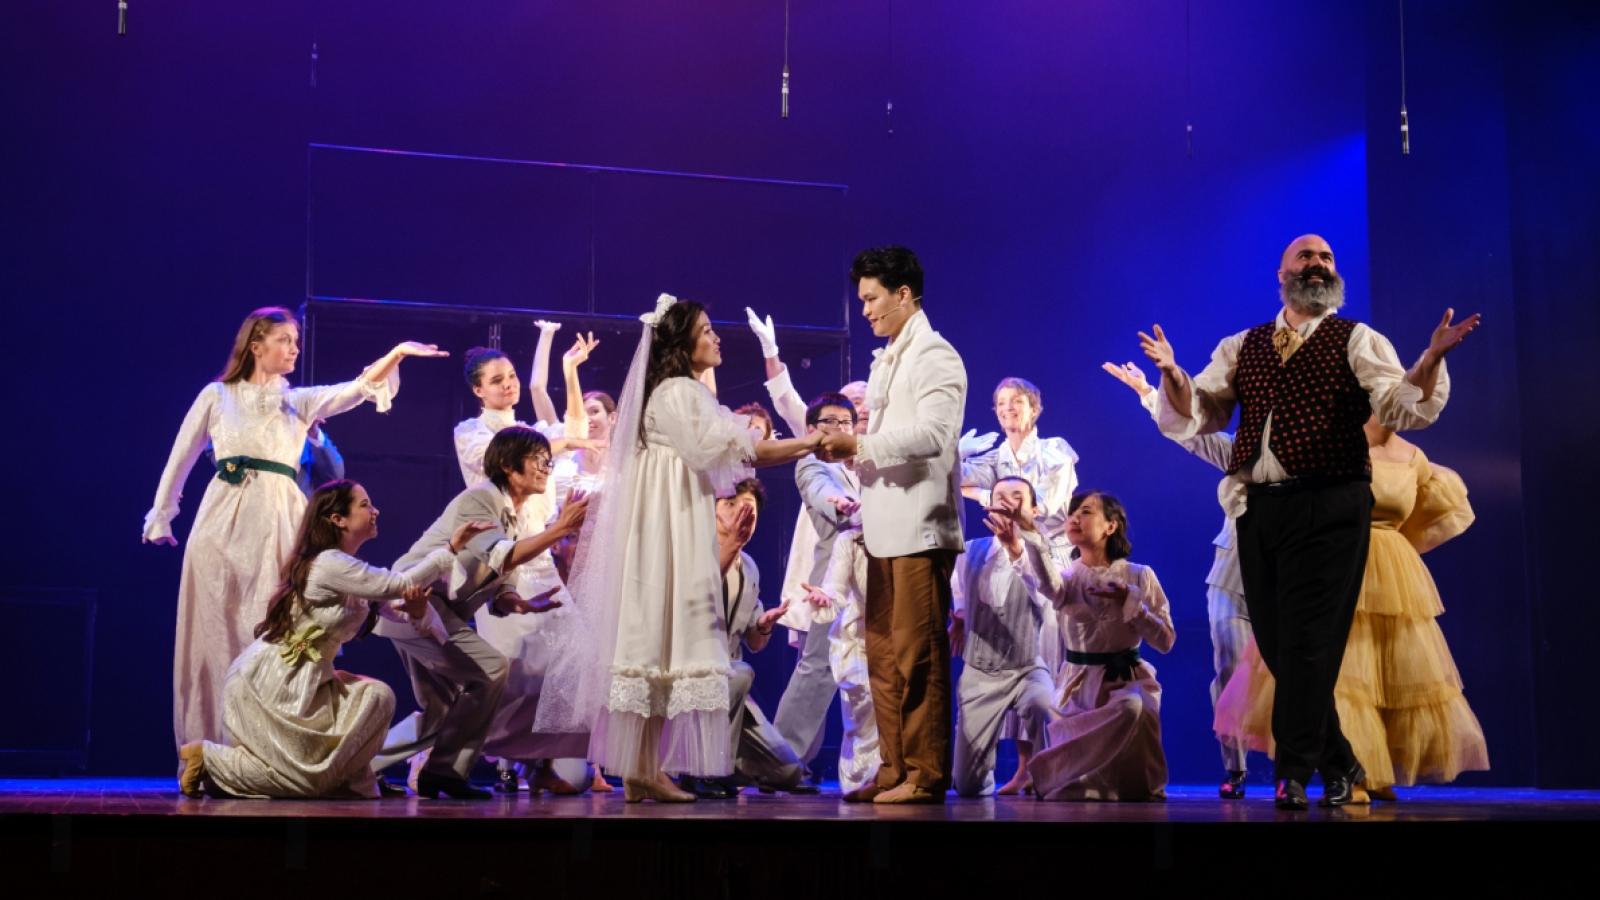 Local audiences welcome nationwide tour of 'Les Misérables'